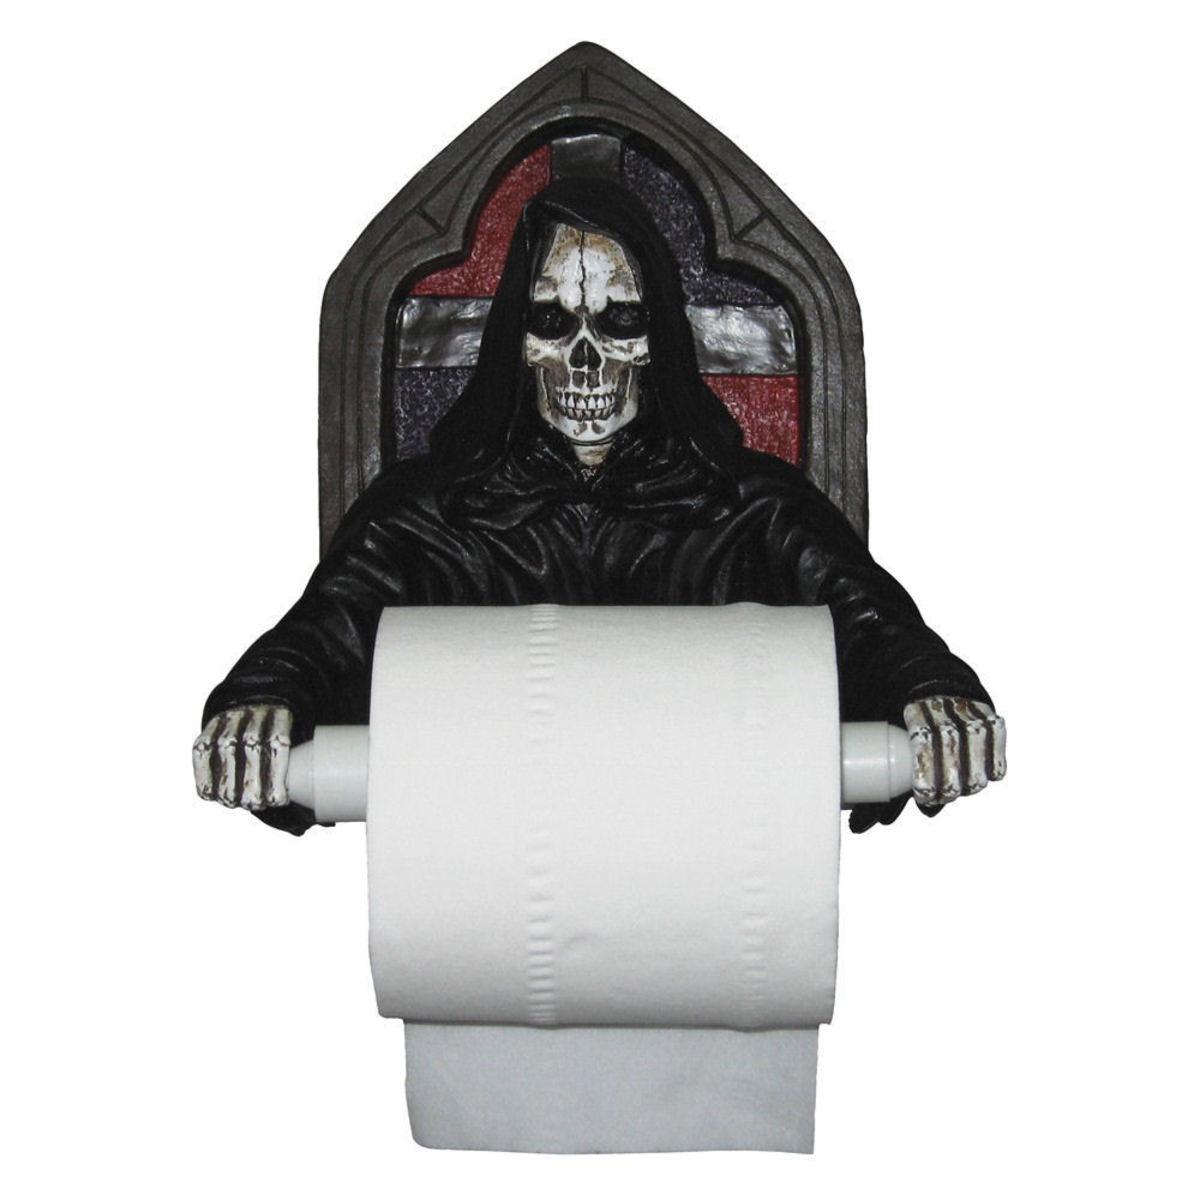 držák na toaletní papír Reaper TP - AL50052